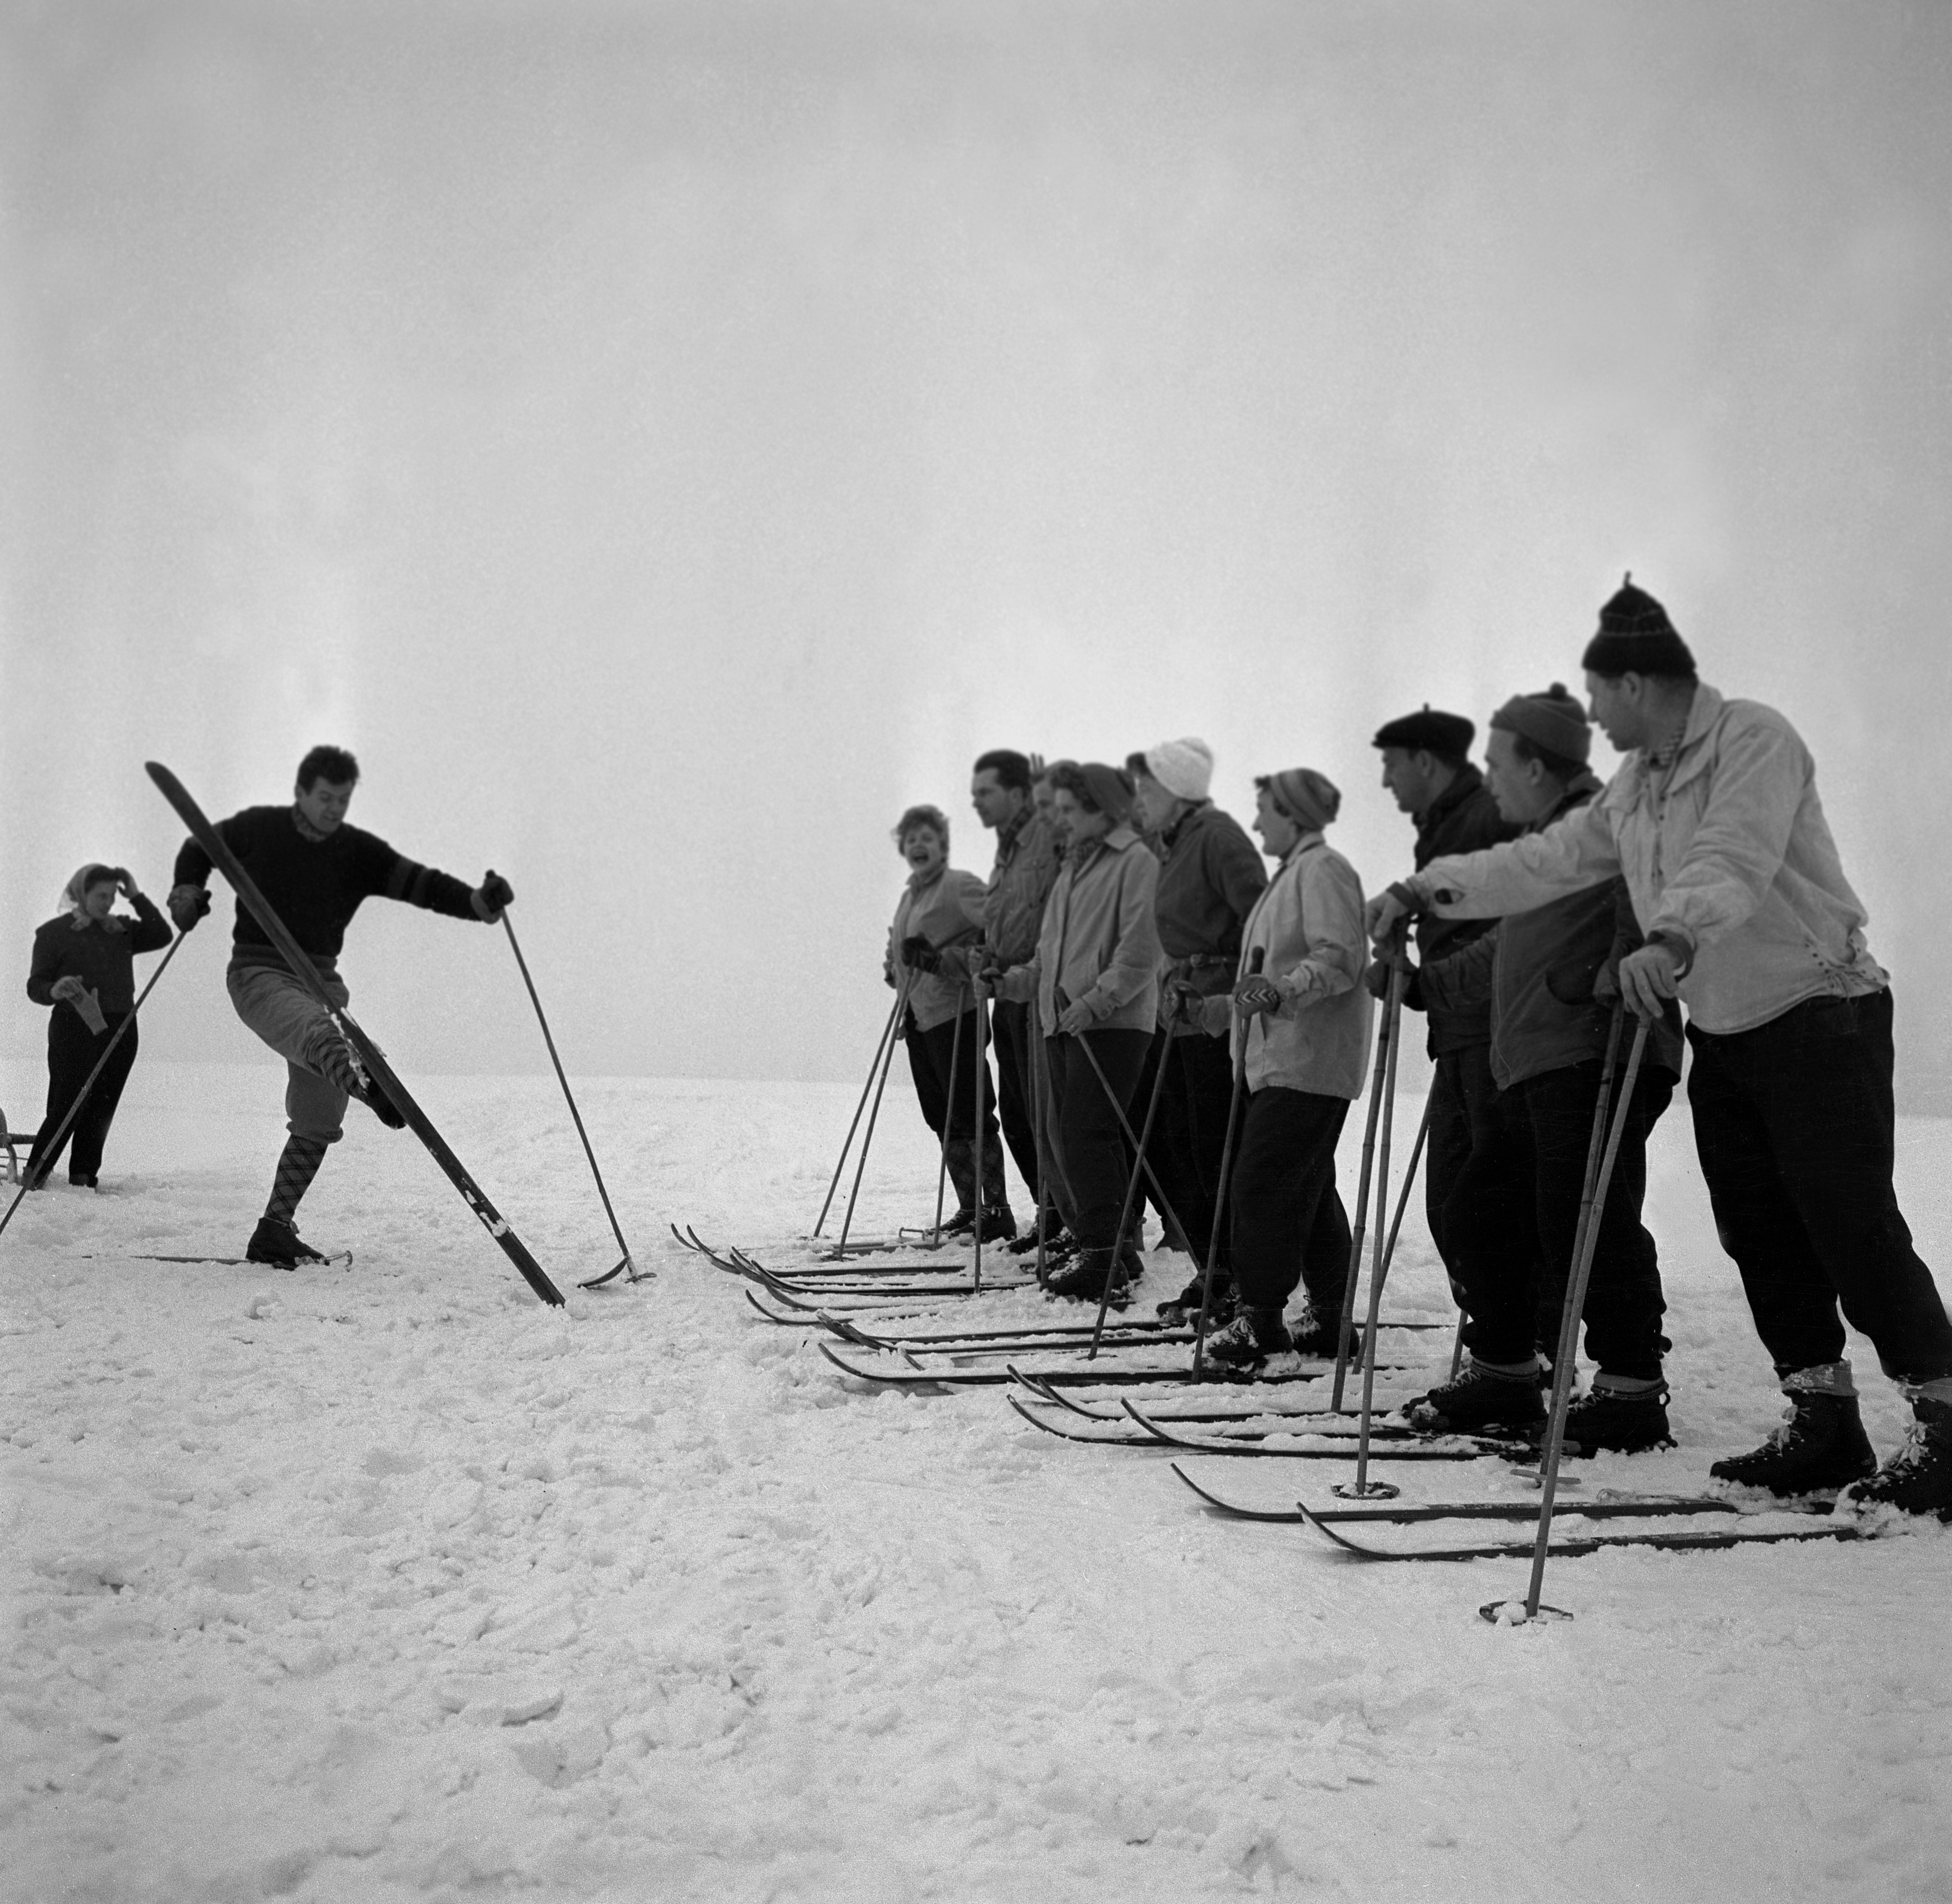 Na archívnej snímke z 29. januára 1960 pracovníci výrobných družstiev na rekreácii. V hoteli